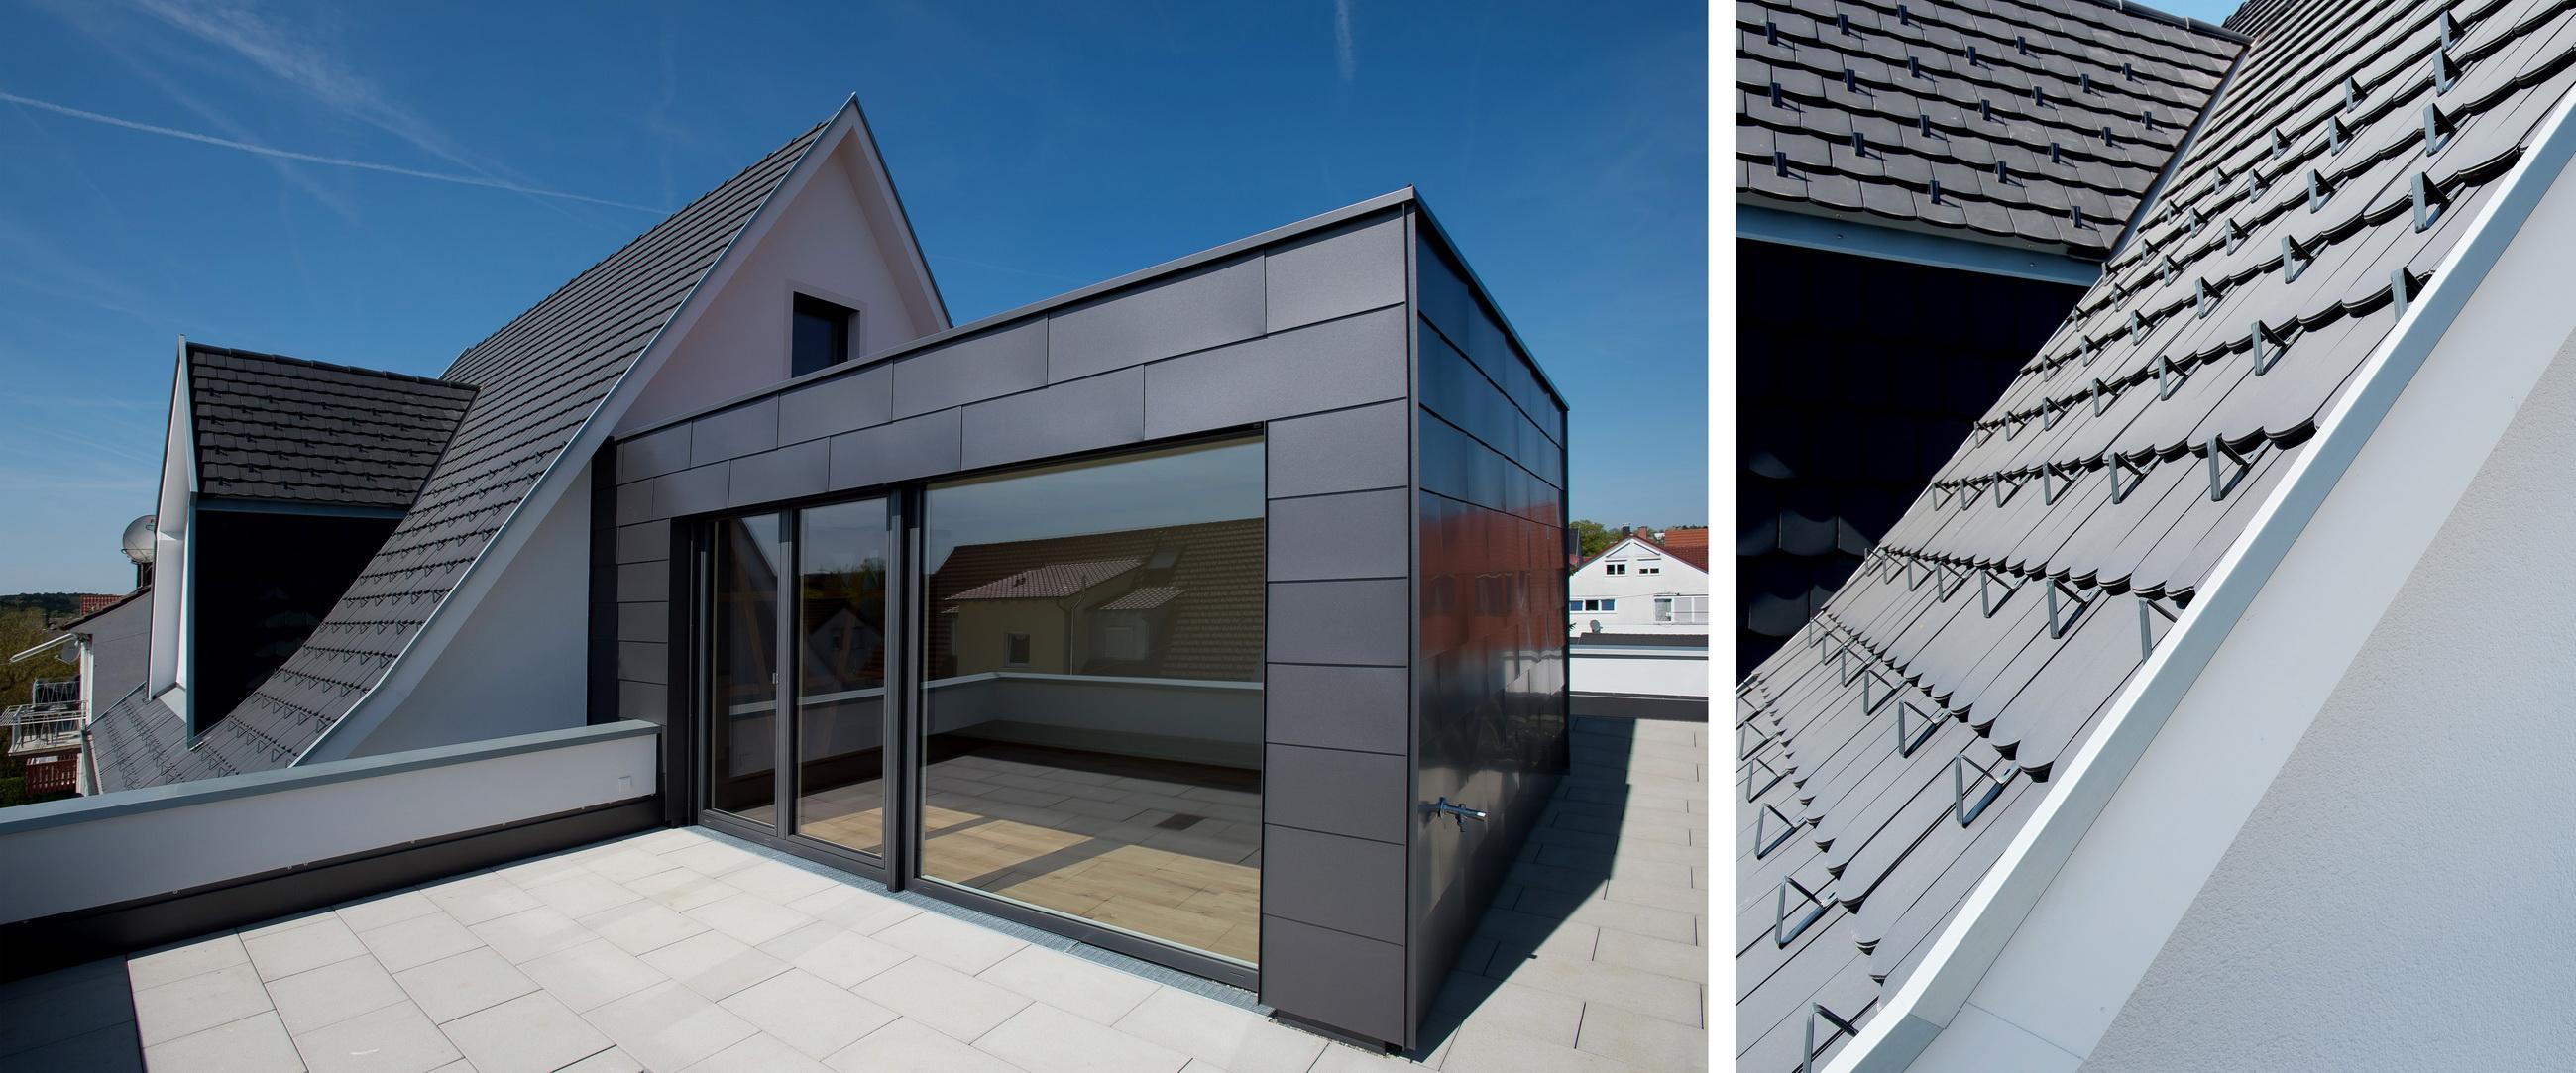 Architektur Heusel